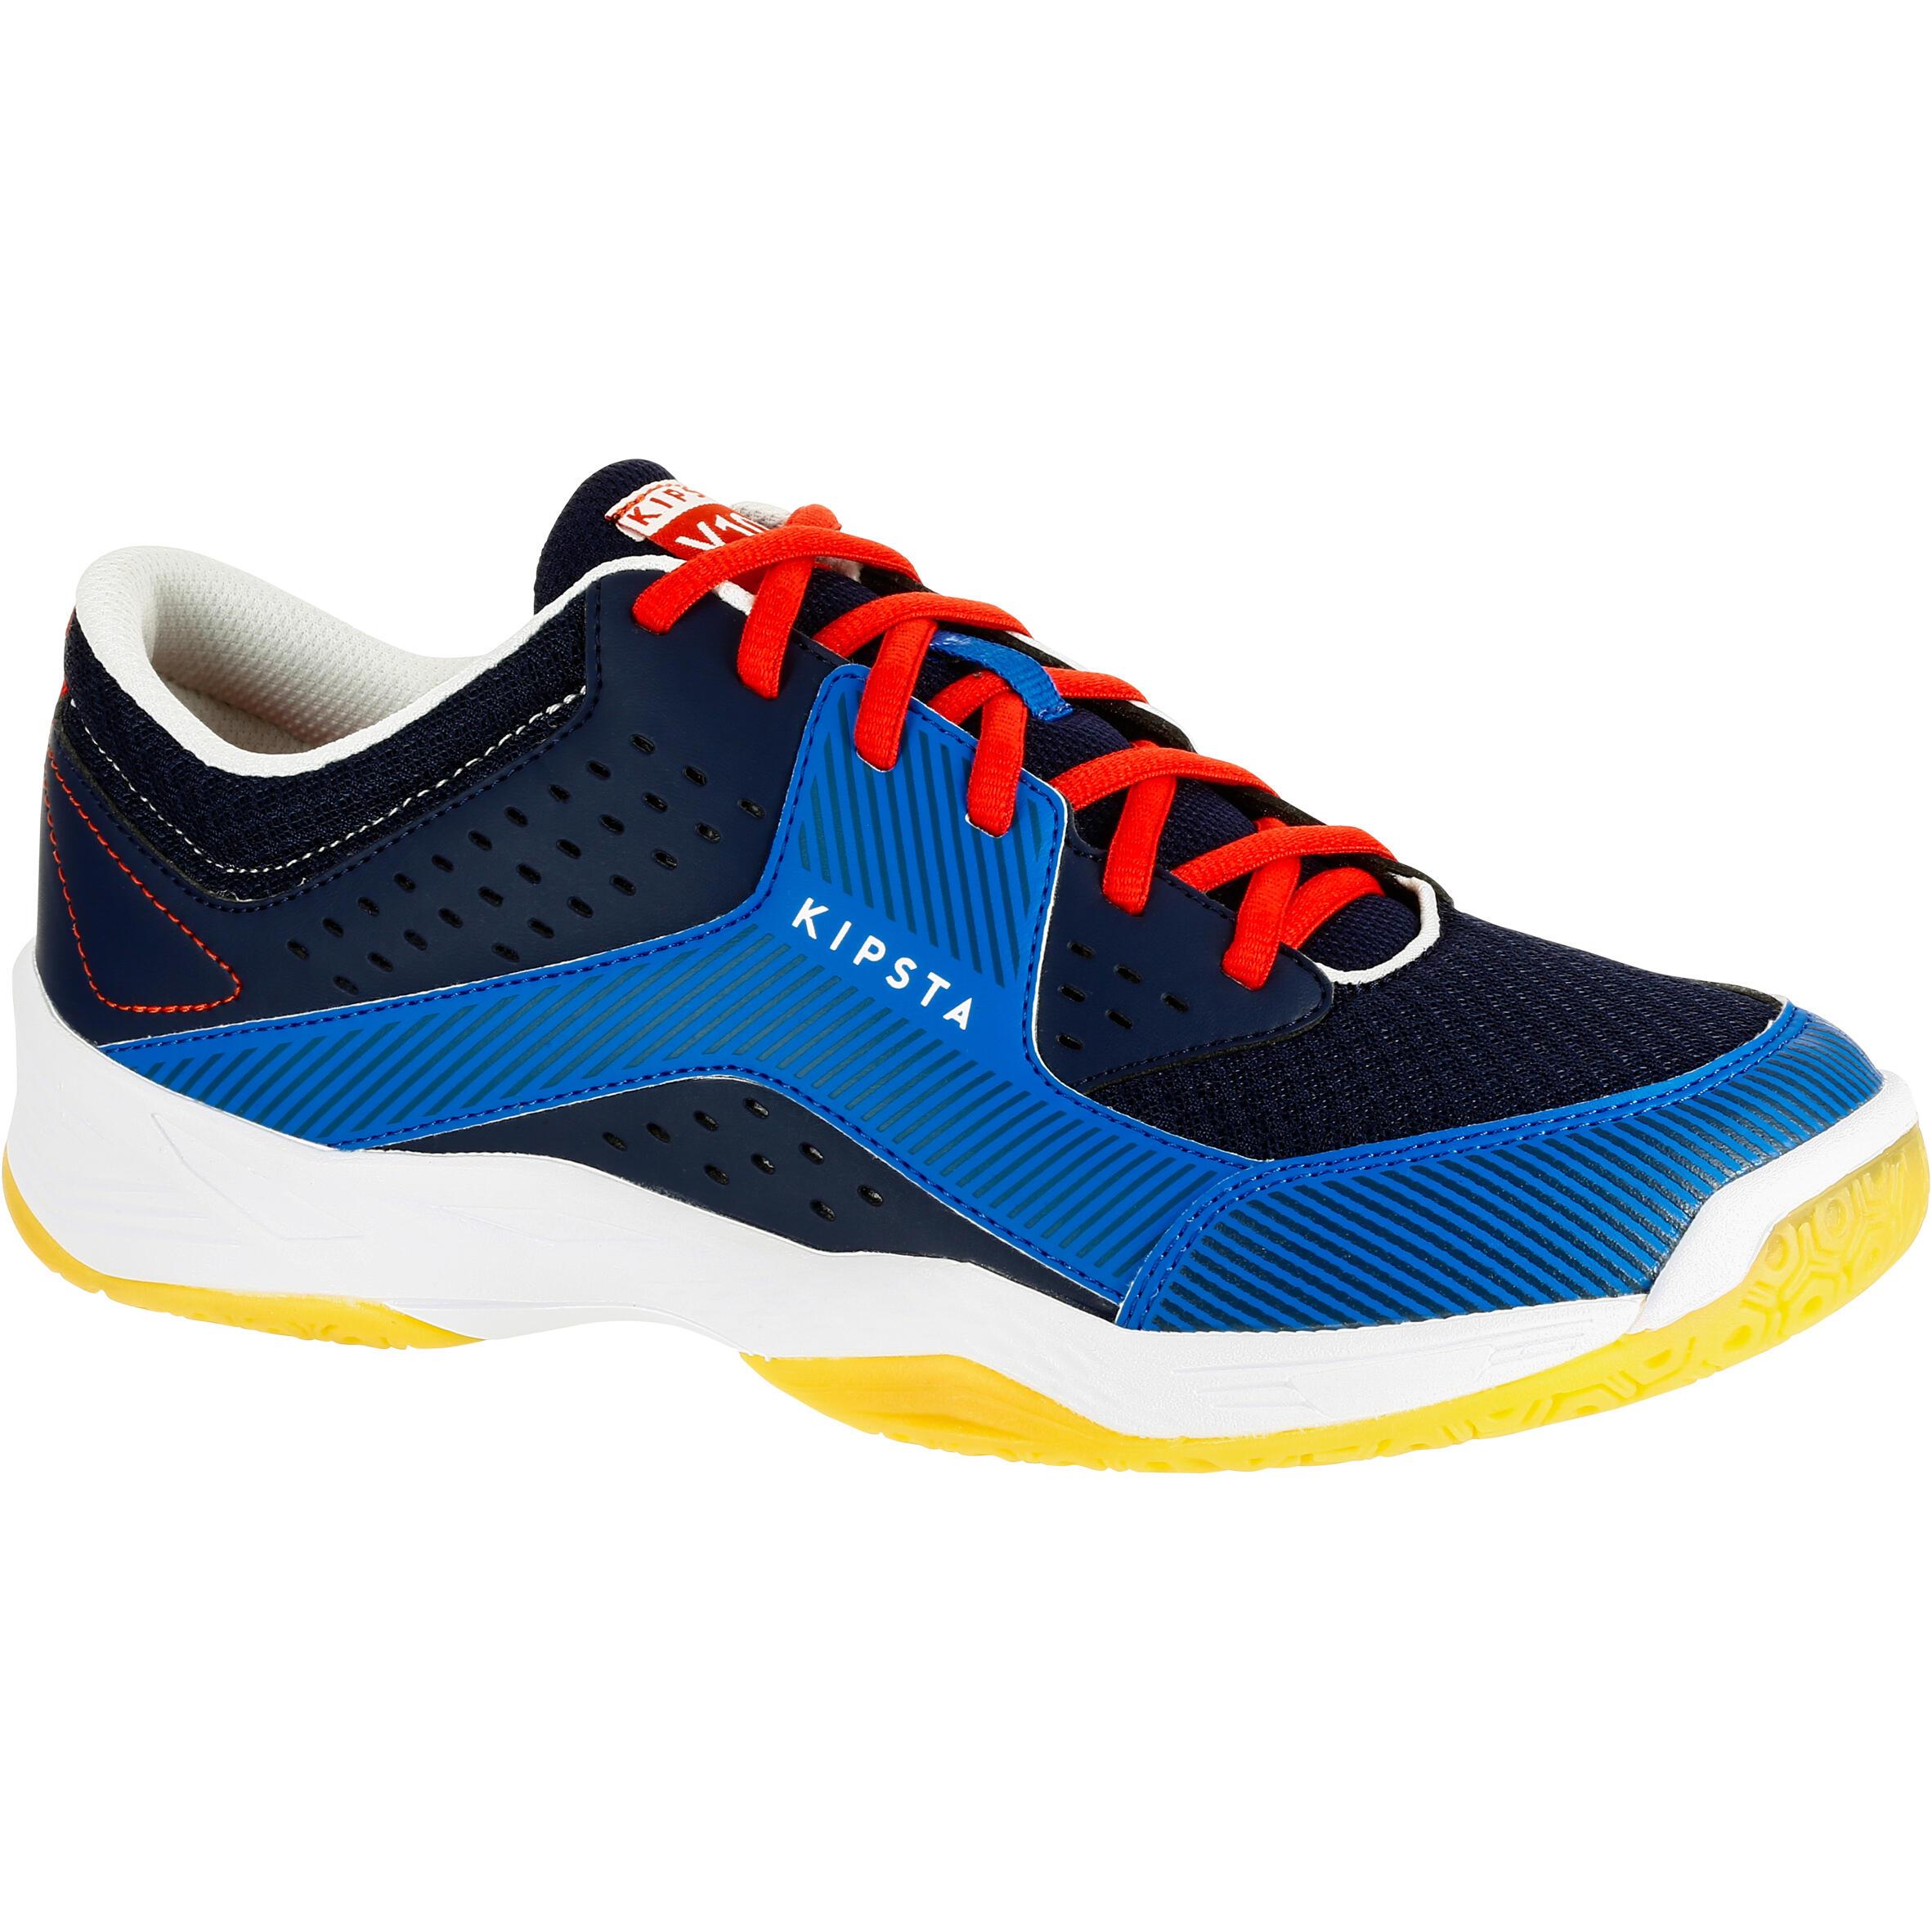 Allsix Volleybalschoenen V100 voor volwassenen